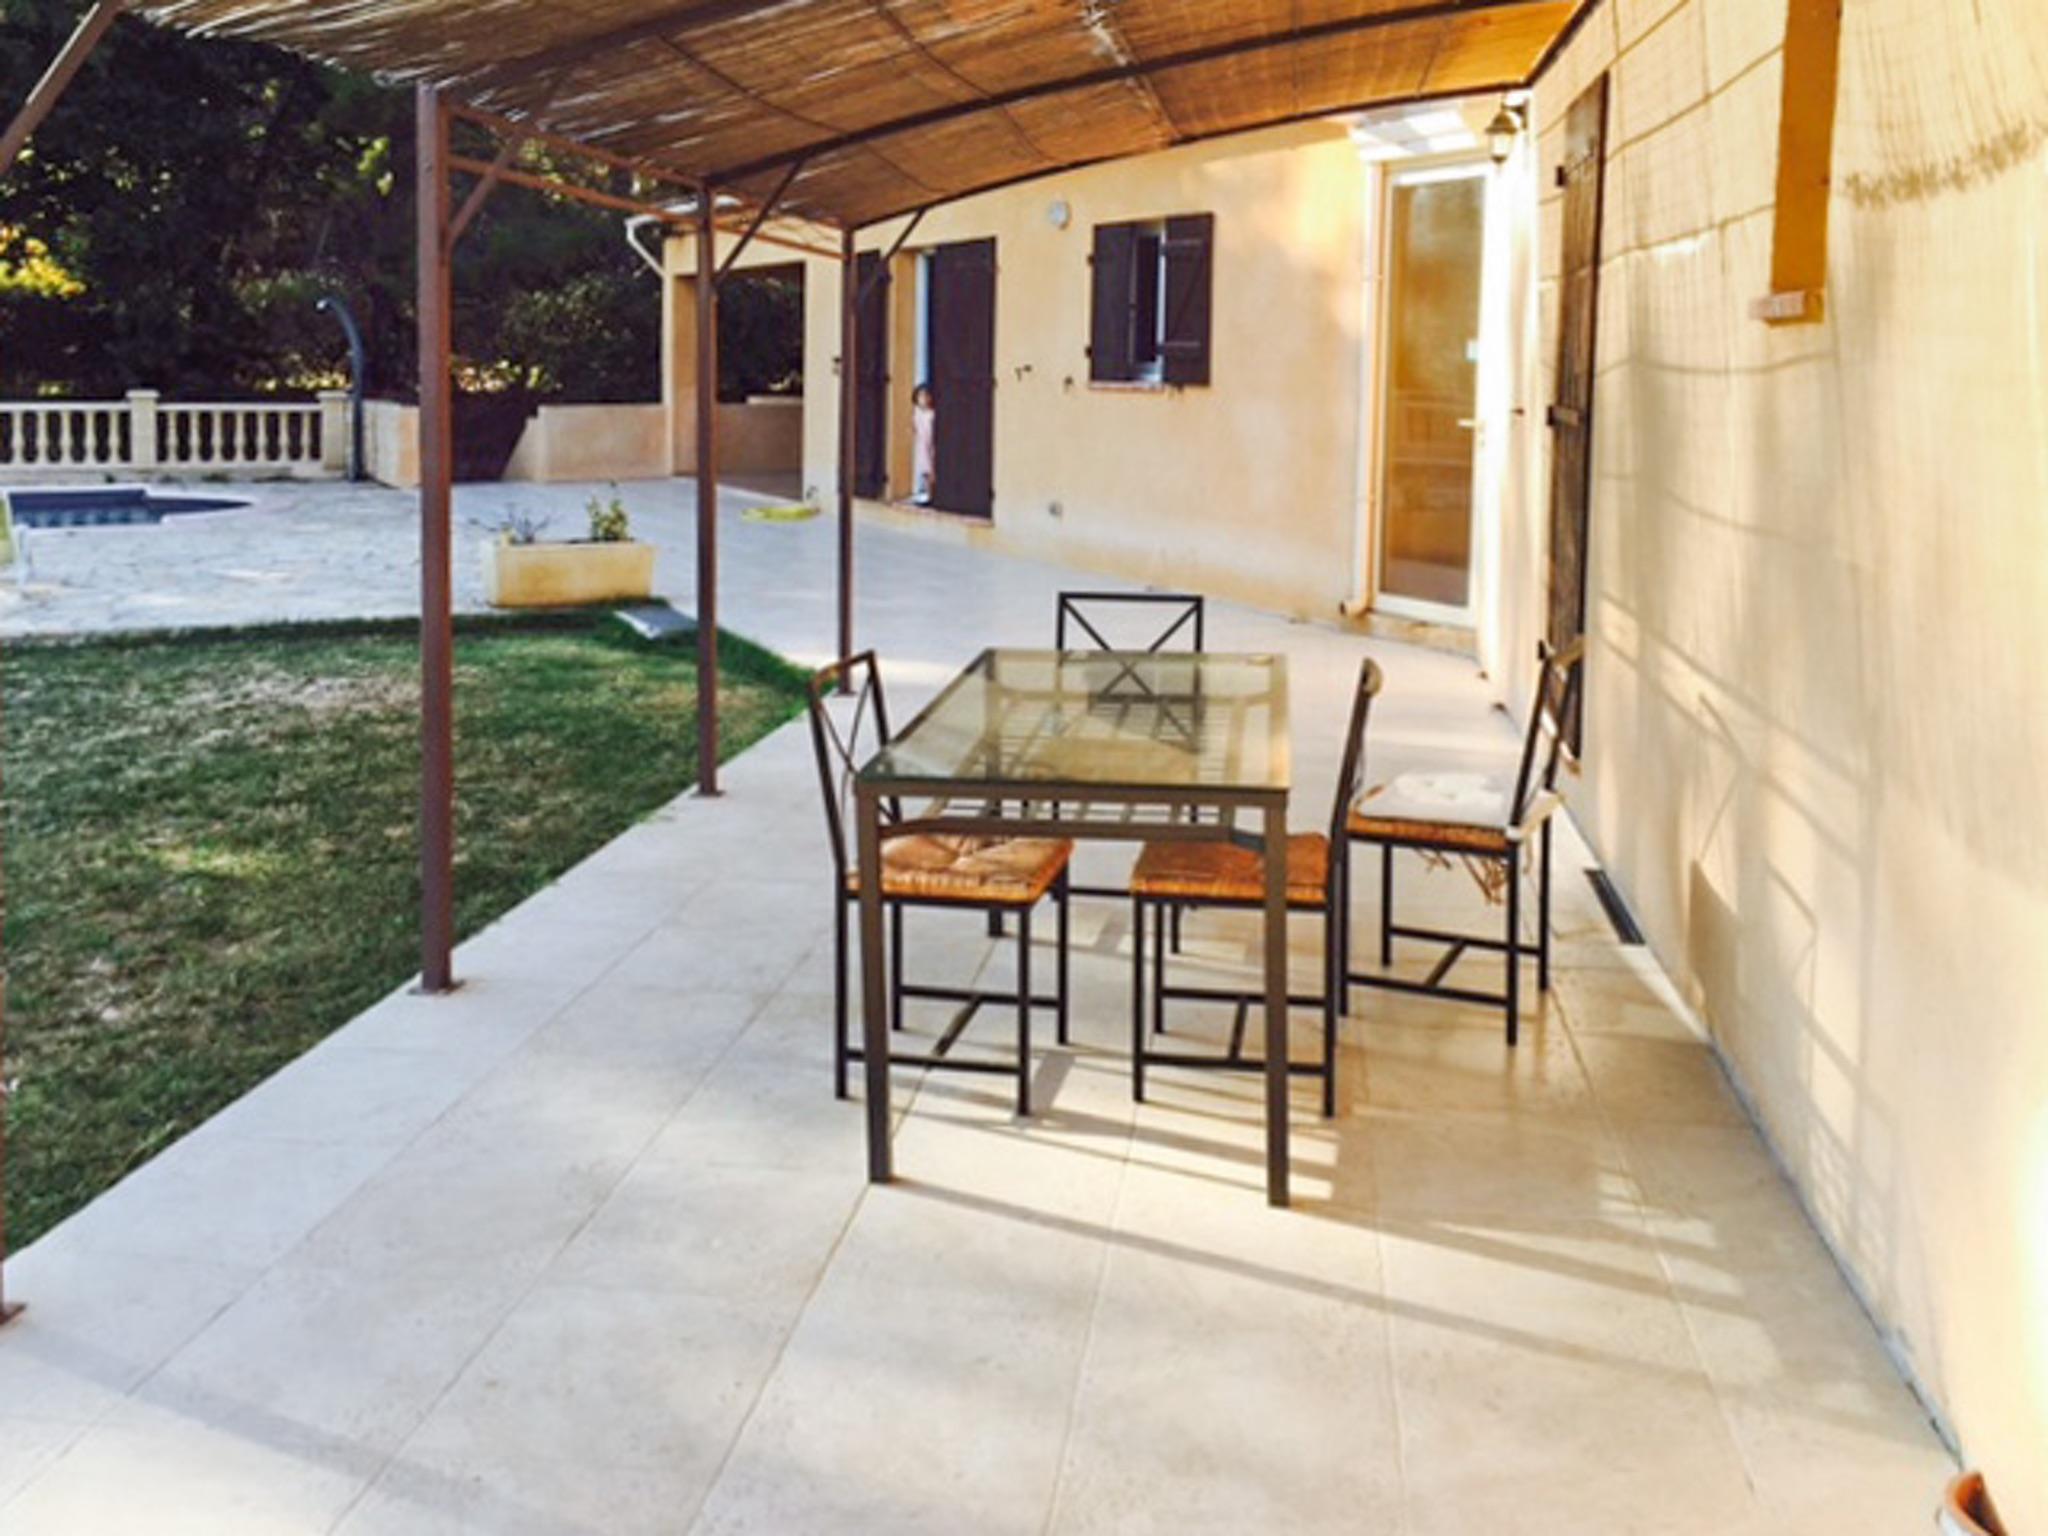 Ferienhaus Haus mit drei Schlafzimmern, Pool, Garten und Terrasse in der Luberon (2201928), Pertuis, Vaucluse, Provence - Alpen - Côte d'Azur, Frankreich, Bild 5